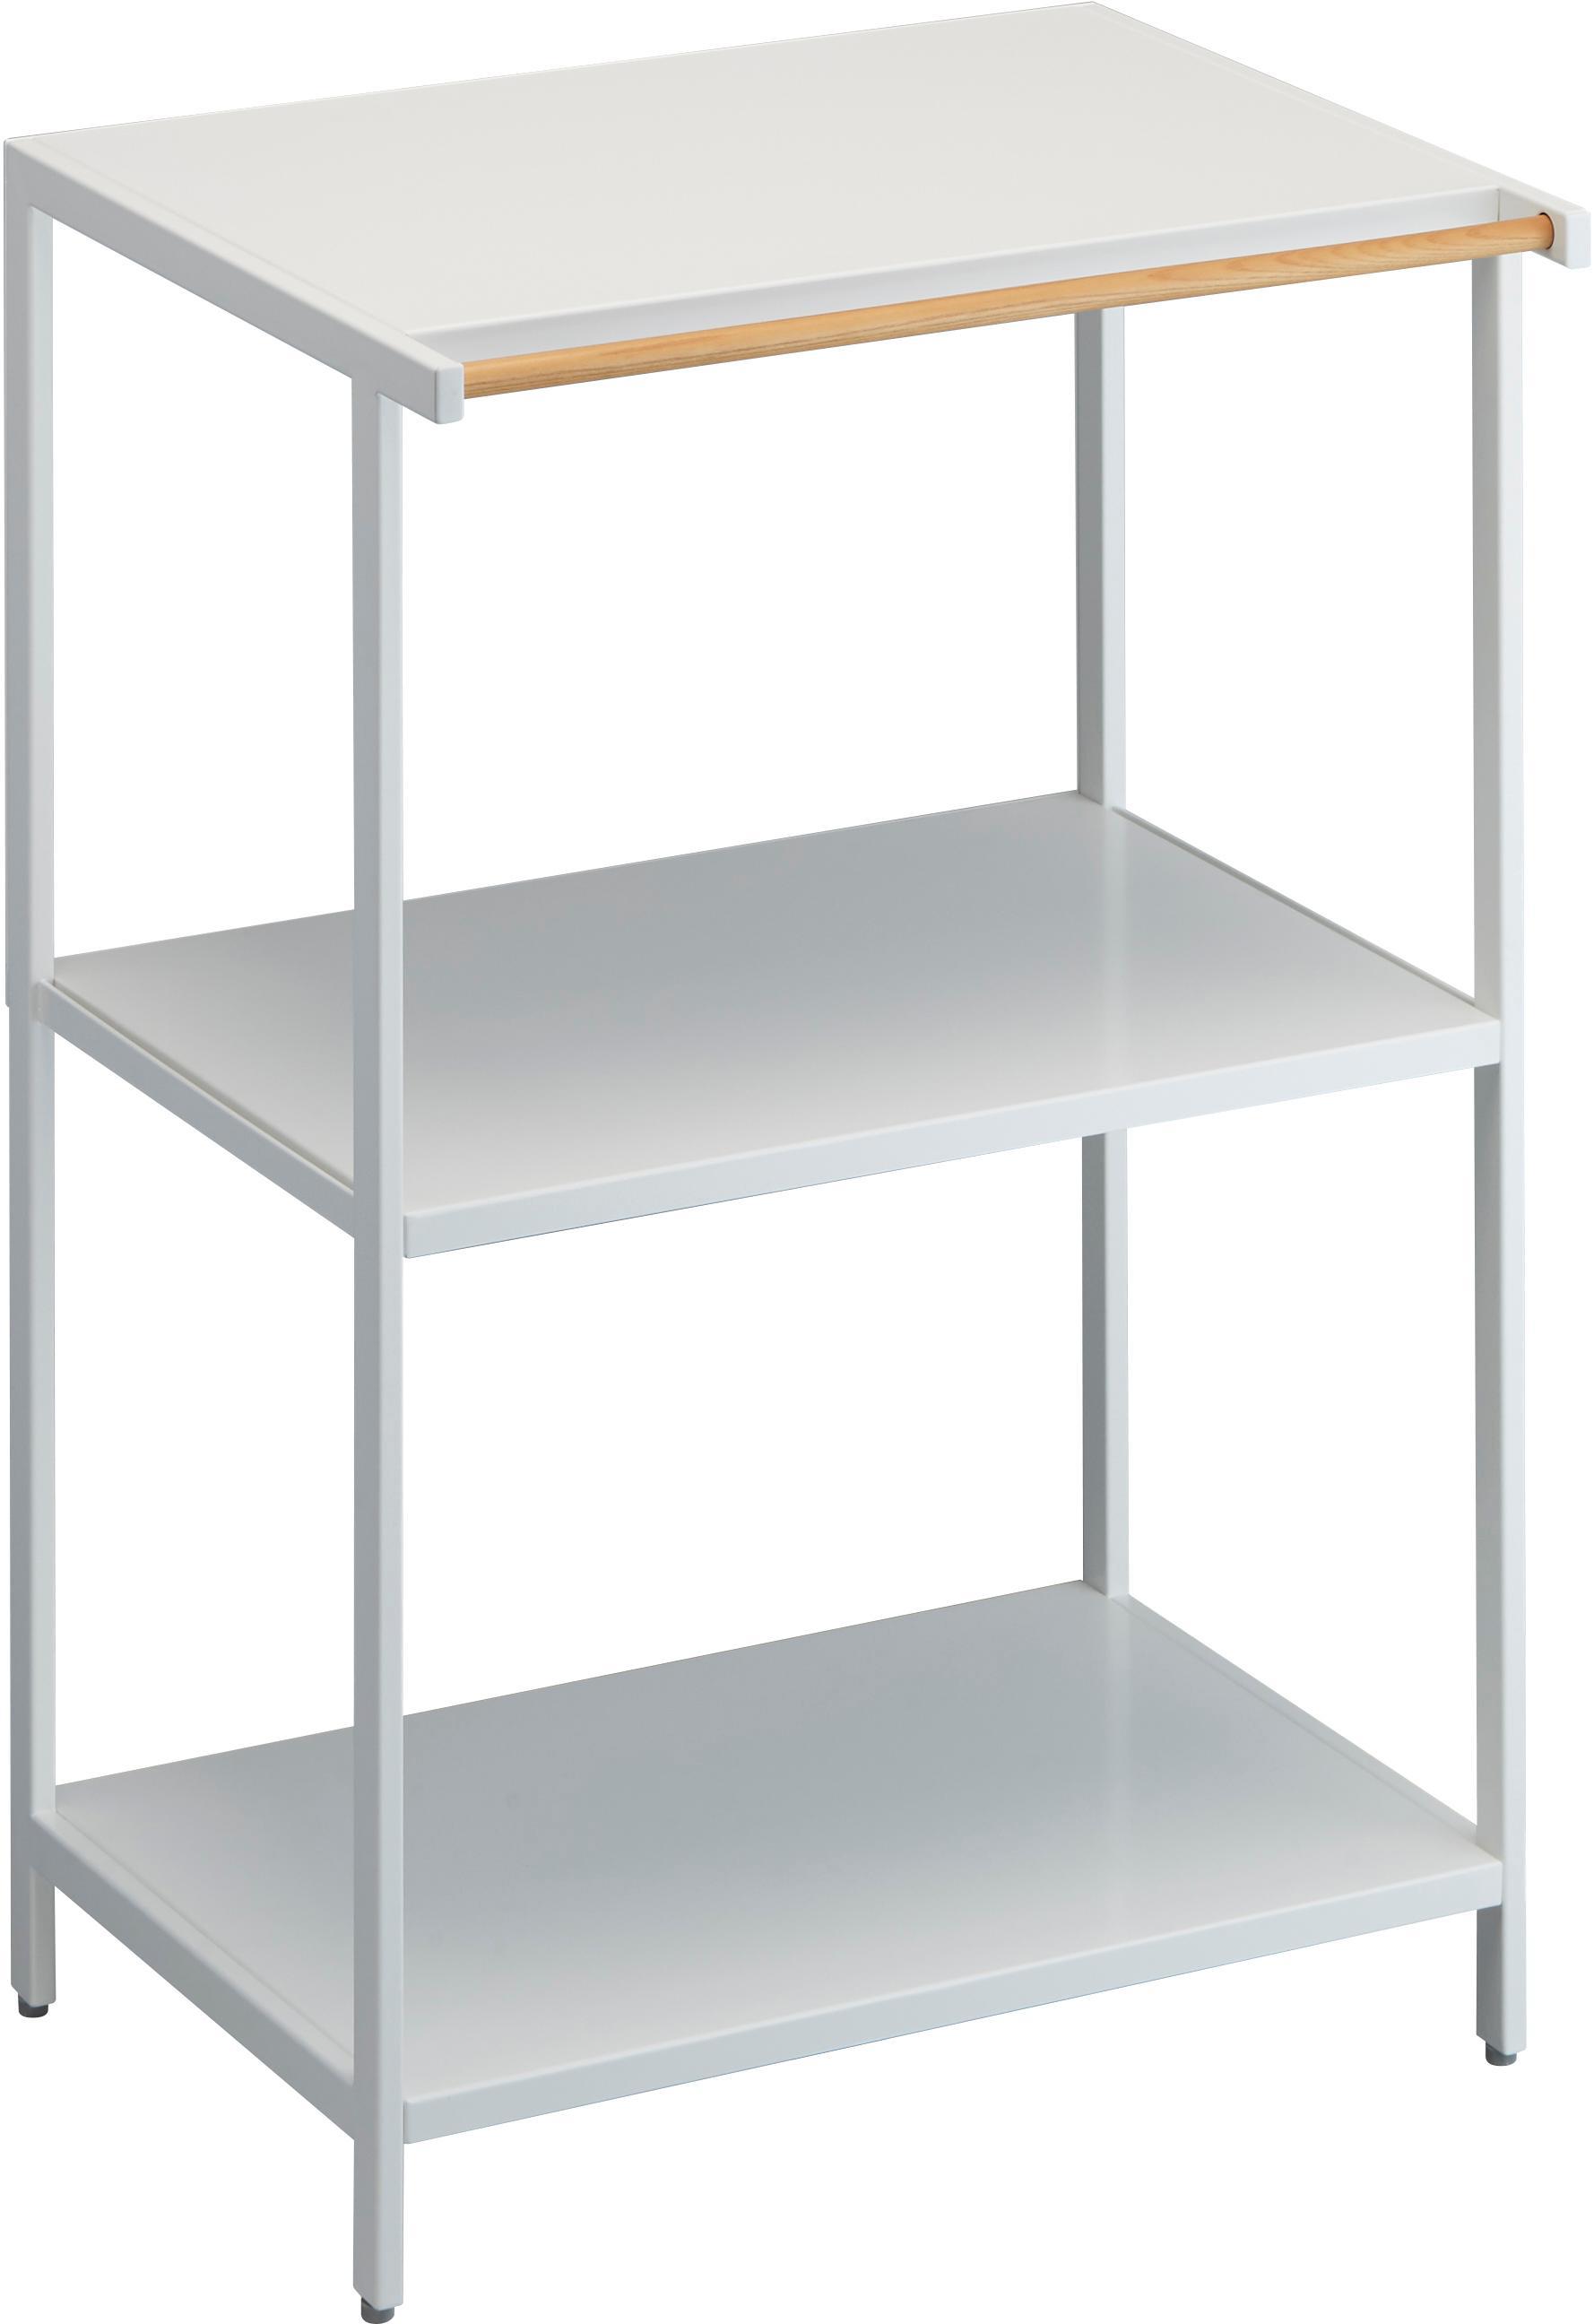 Estantería pequeña de metal Killy, Estantería: metal con pintura en polv, Asa: madera, Blanco, An 60 x F 90 cm